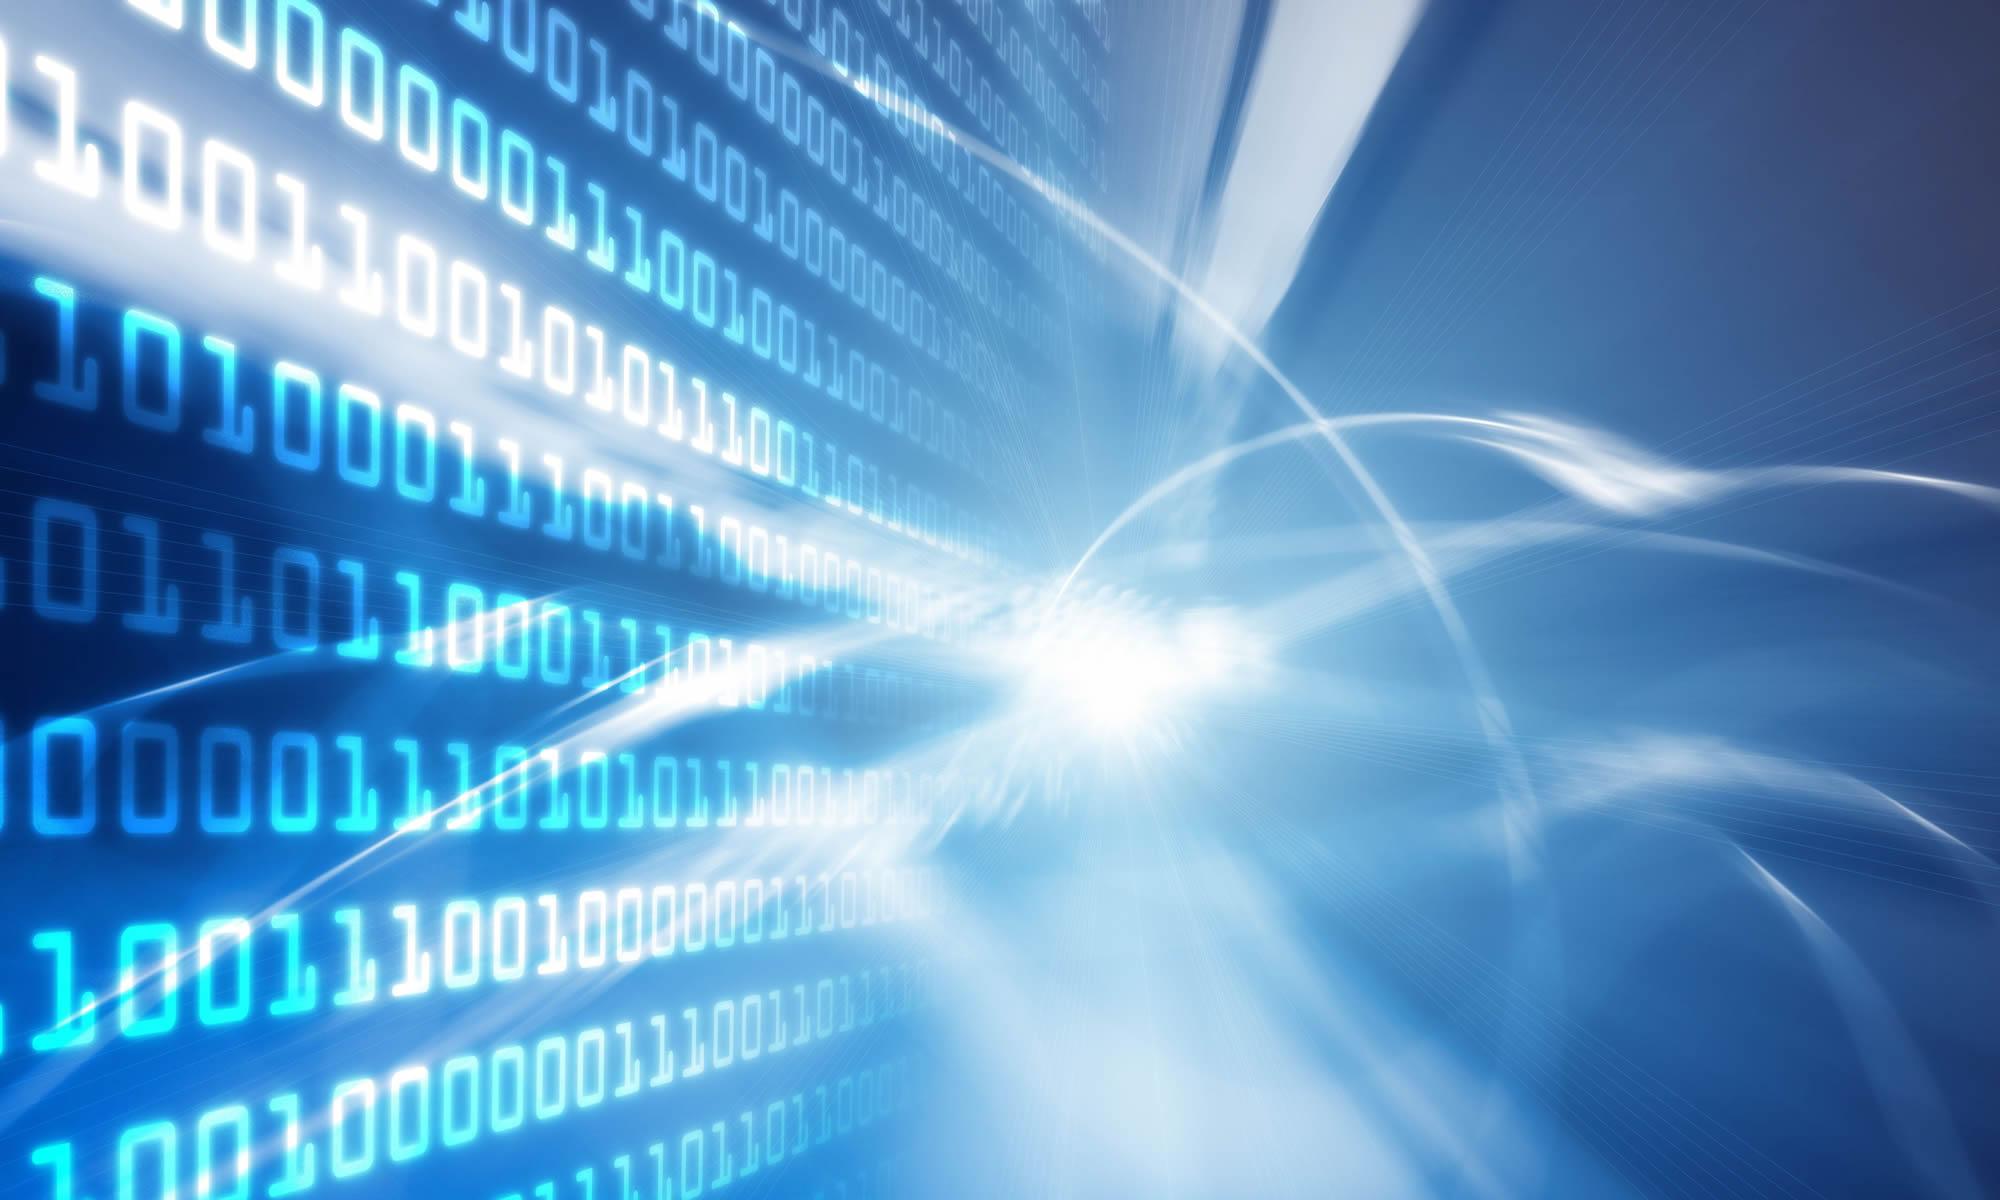 Dotcalm Computing